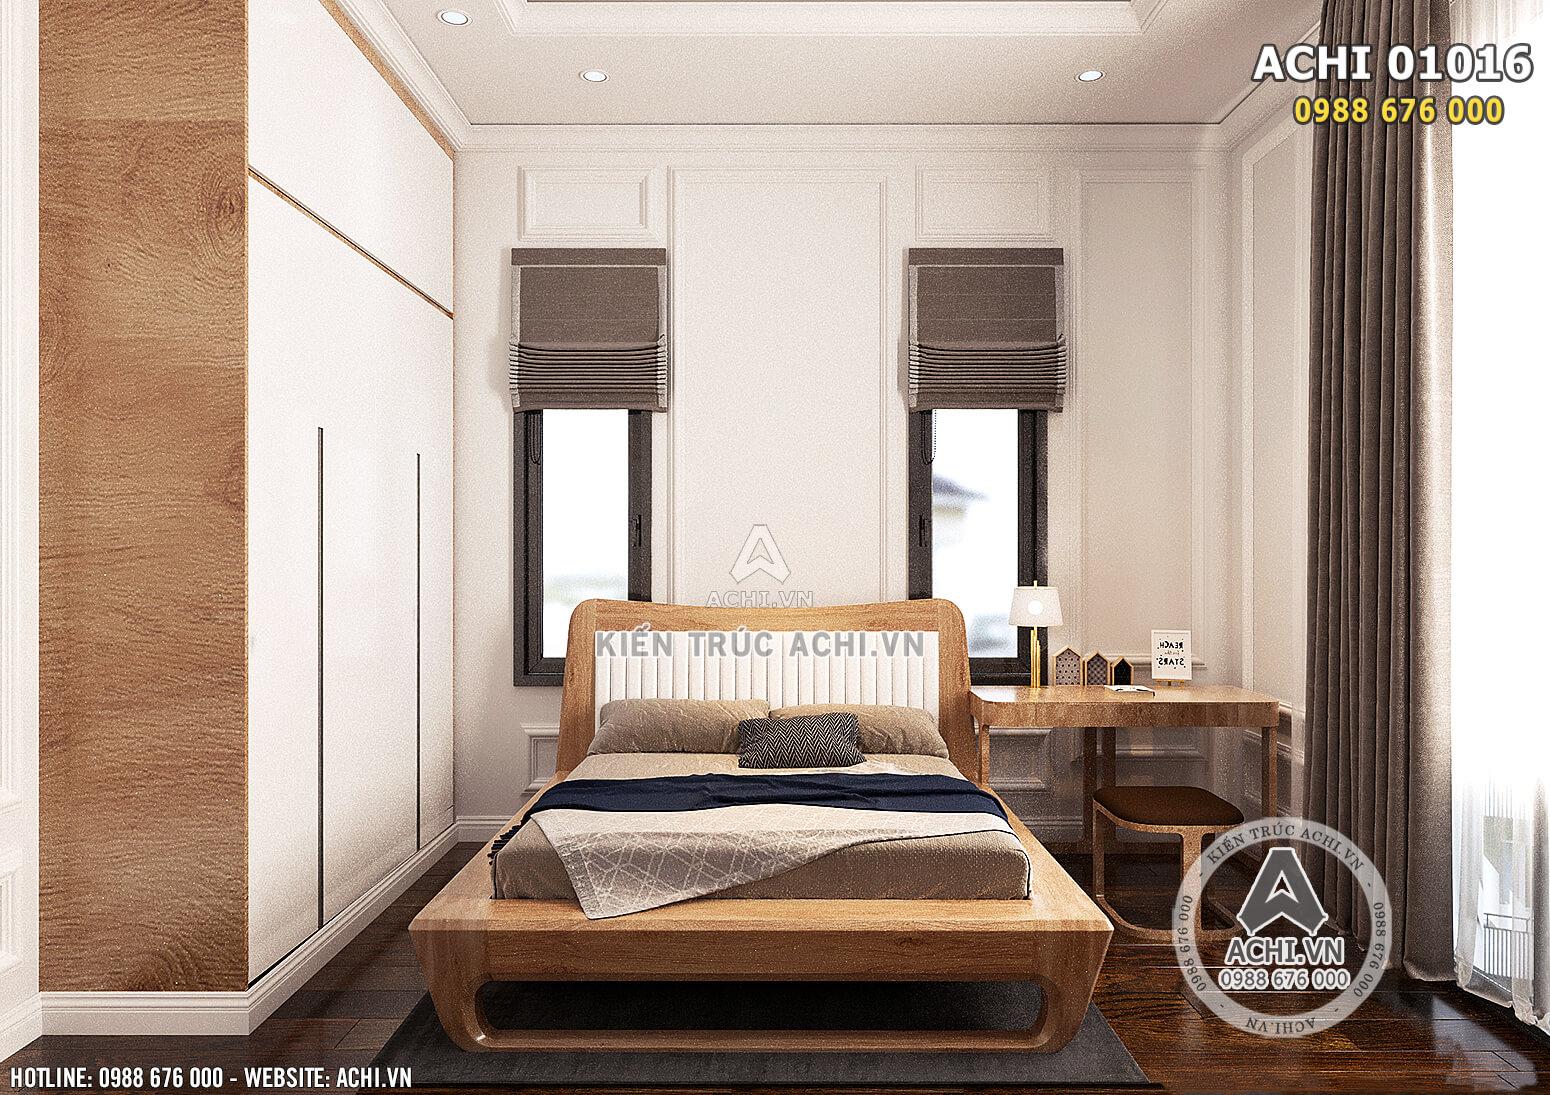 Hình ảnh: Thiết kế nội thất bằng gỗ cho không gian phòng ngủ cho cậu con trai - ACHI 01016